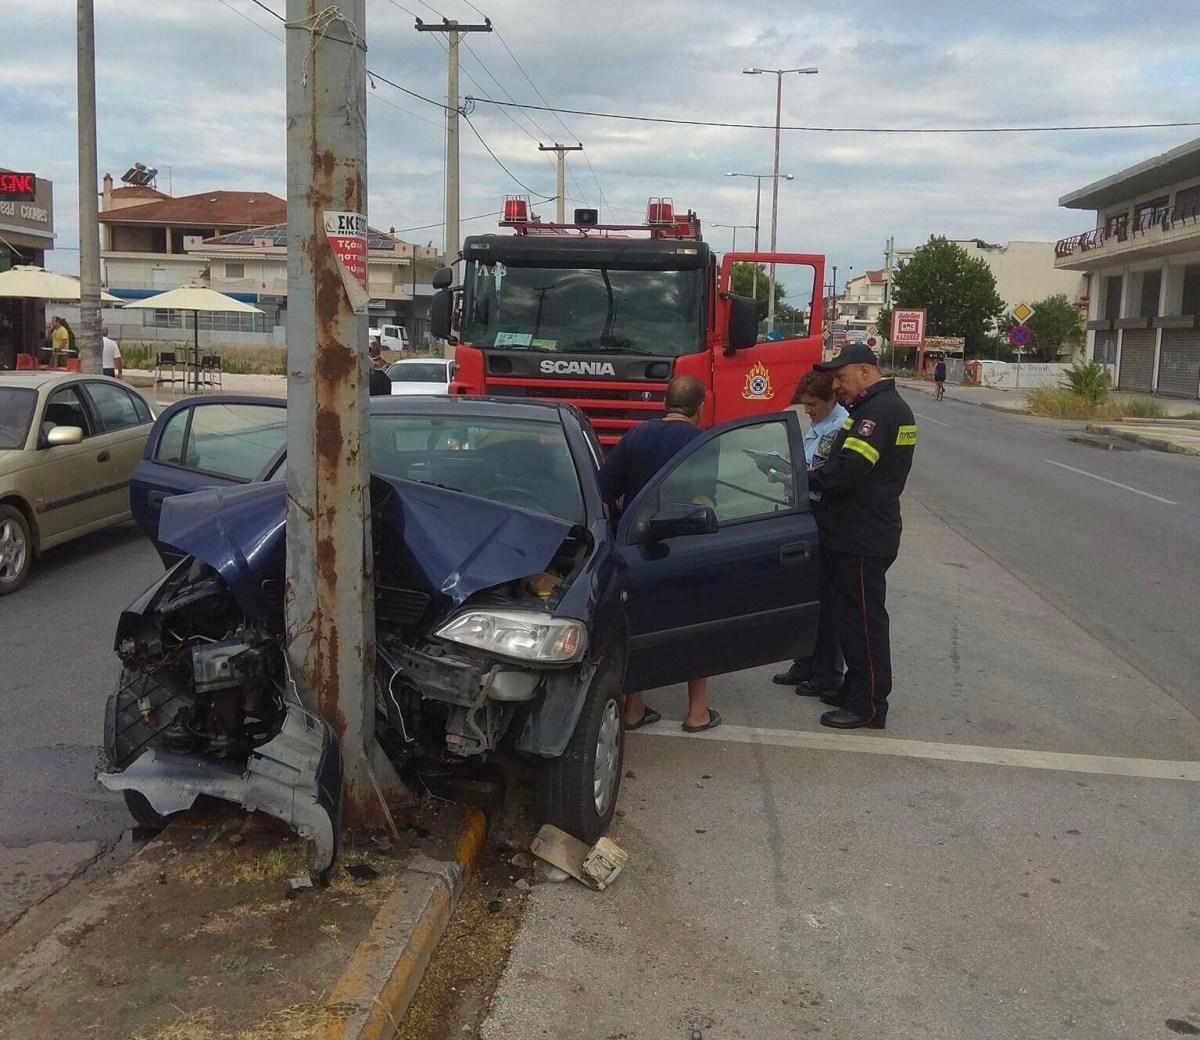 Αυτοκίνητο έπεσε πάνω σε κολώνα στην οδό Βόλου - Δύο τραυματίες (φωτο)